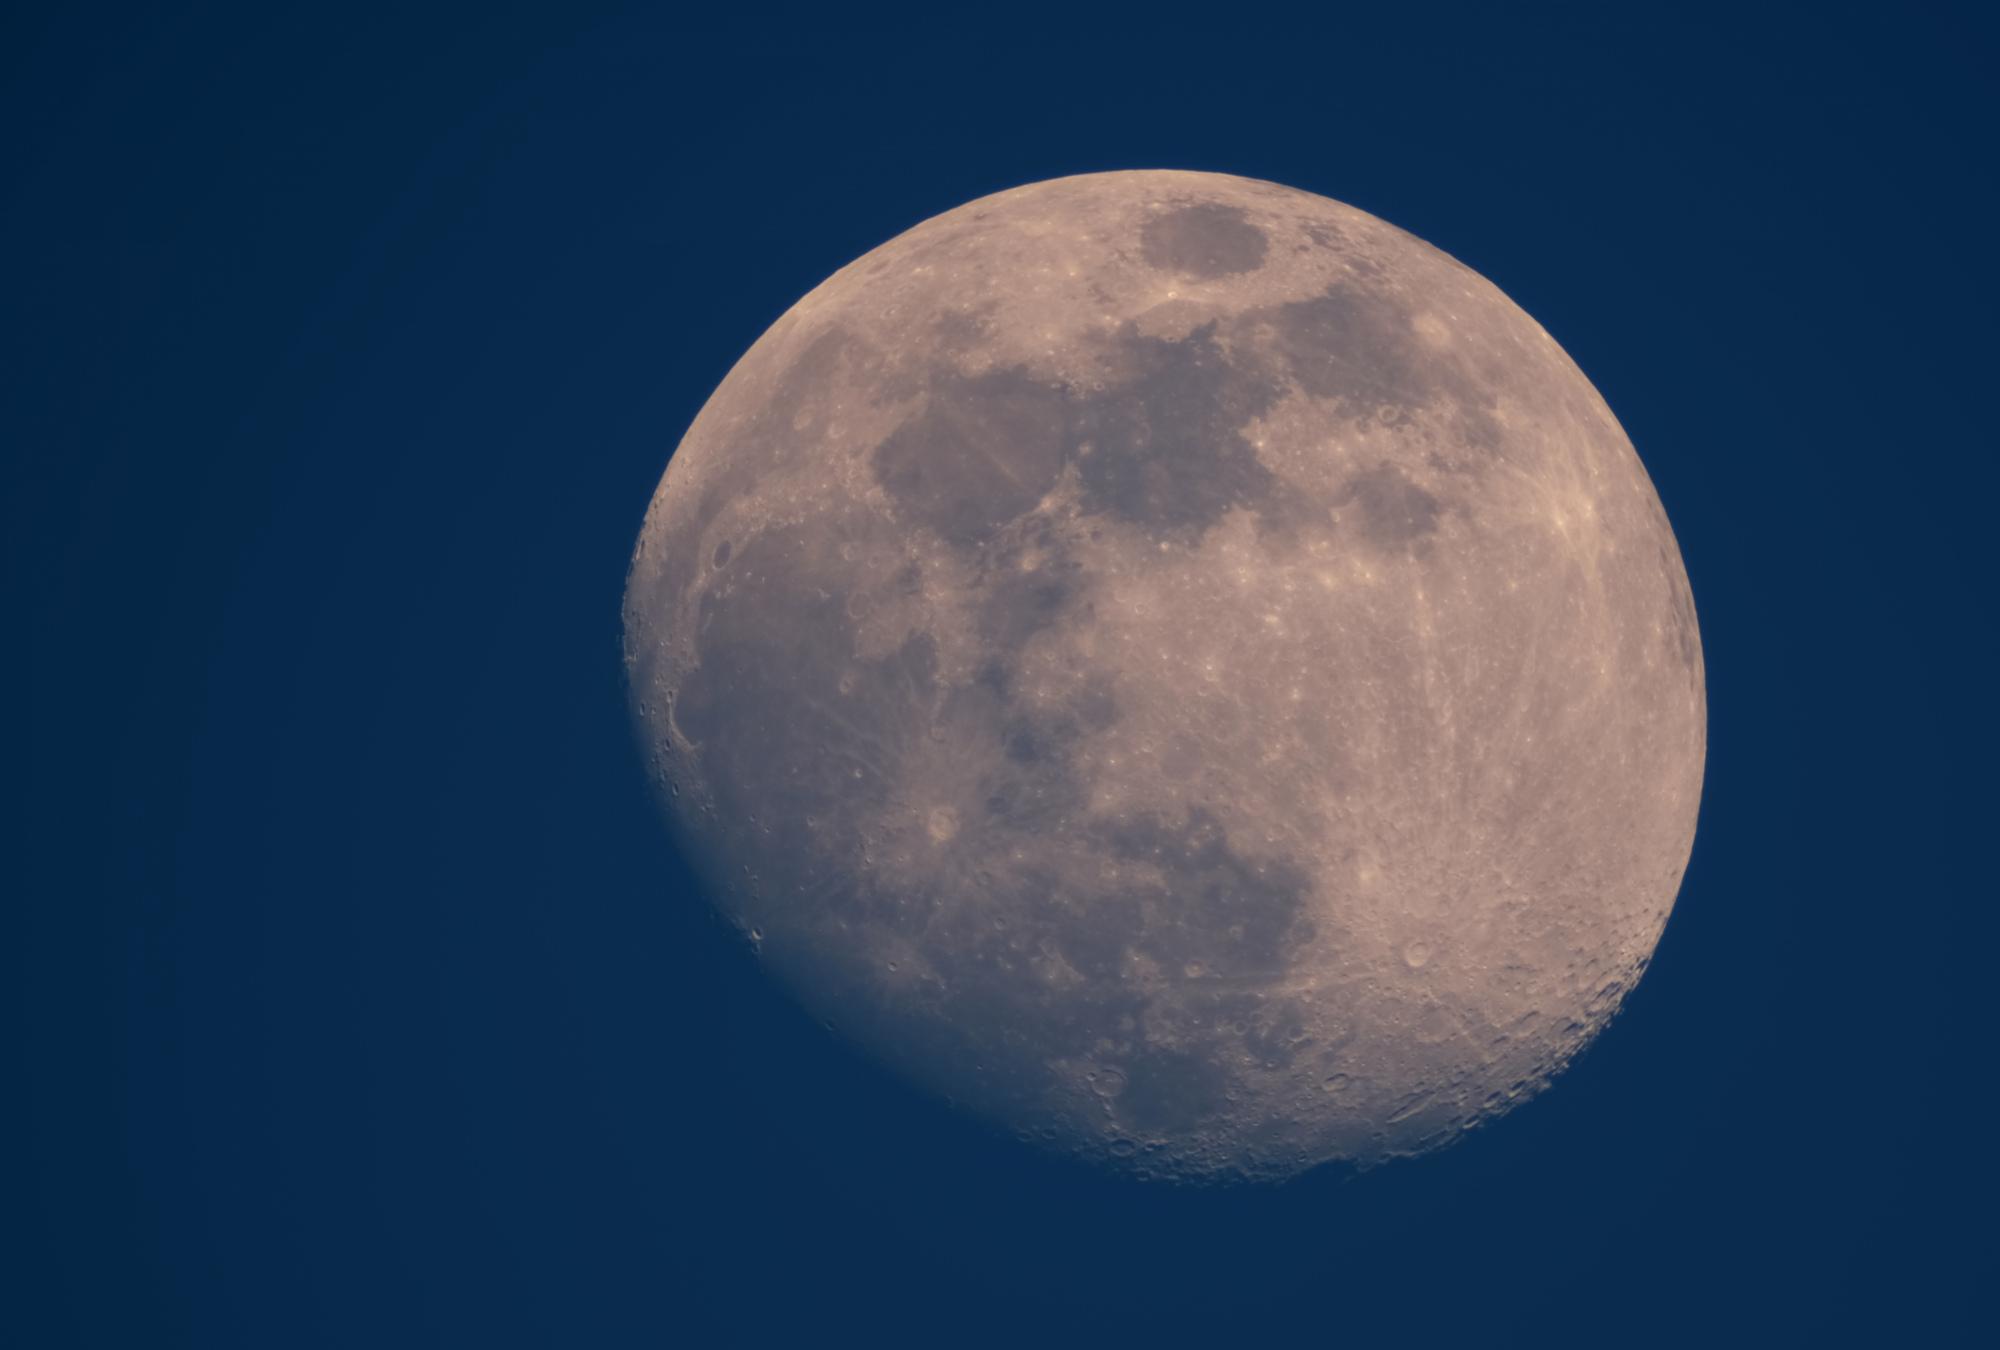 Lune.thumb.jpg.3cb2d31d8e3d44406ea48de6120f7751.jpg